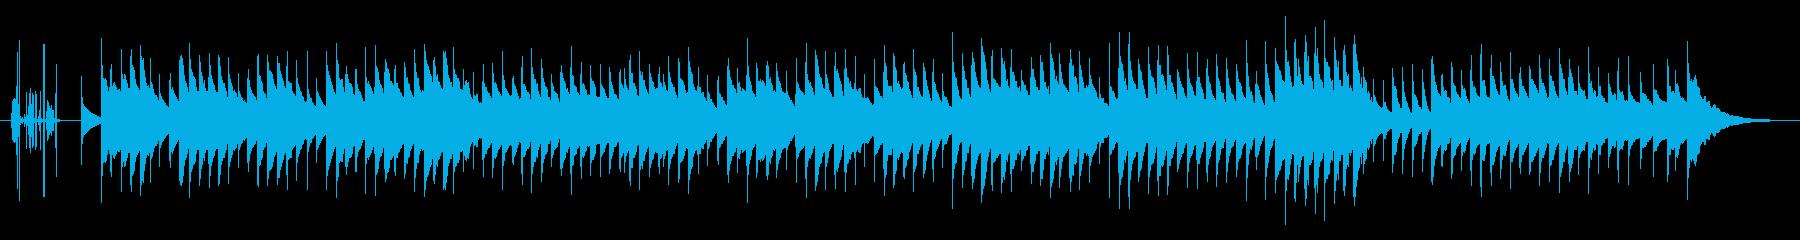 別れの曲オルゴールアレンジの再生済みの波形